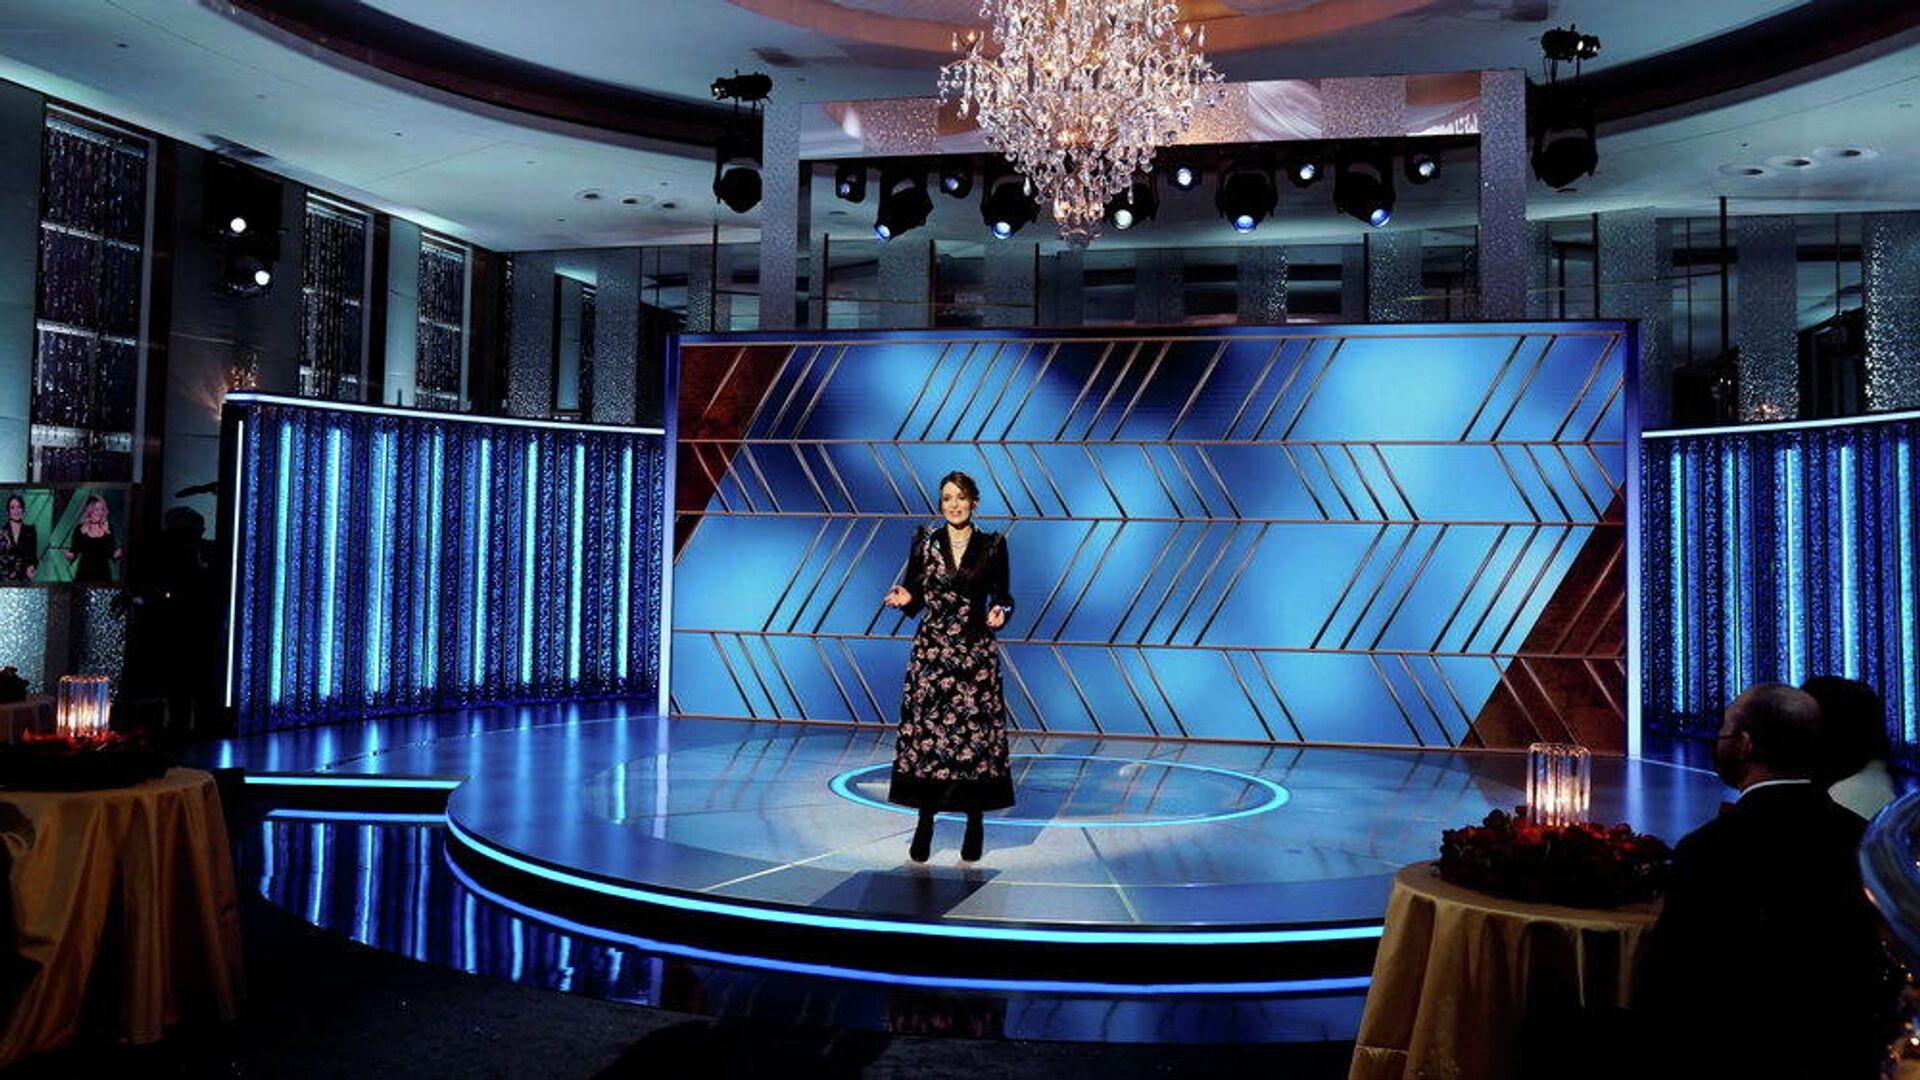 Церемония вручения премии Золотой глобус - 2021 - РИА Новости, 1920, 01.03.2021